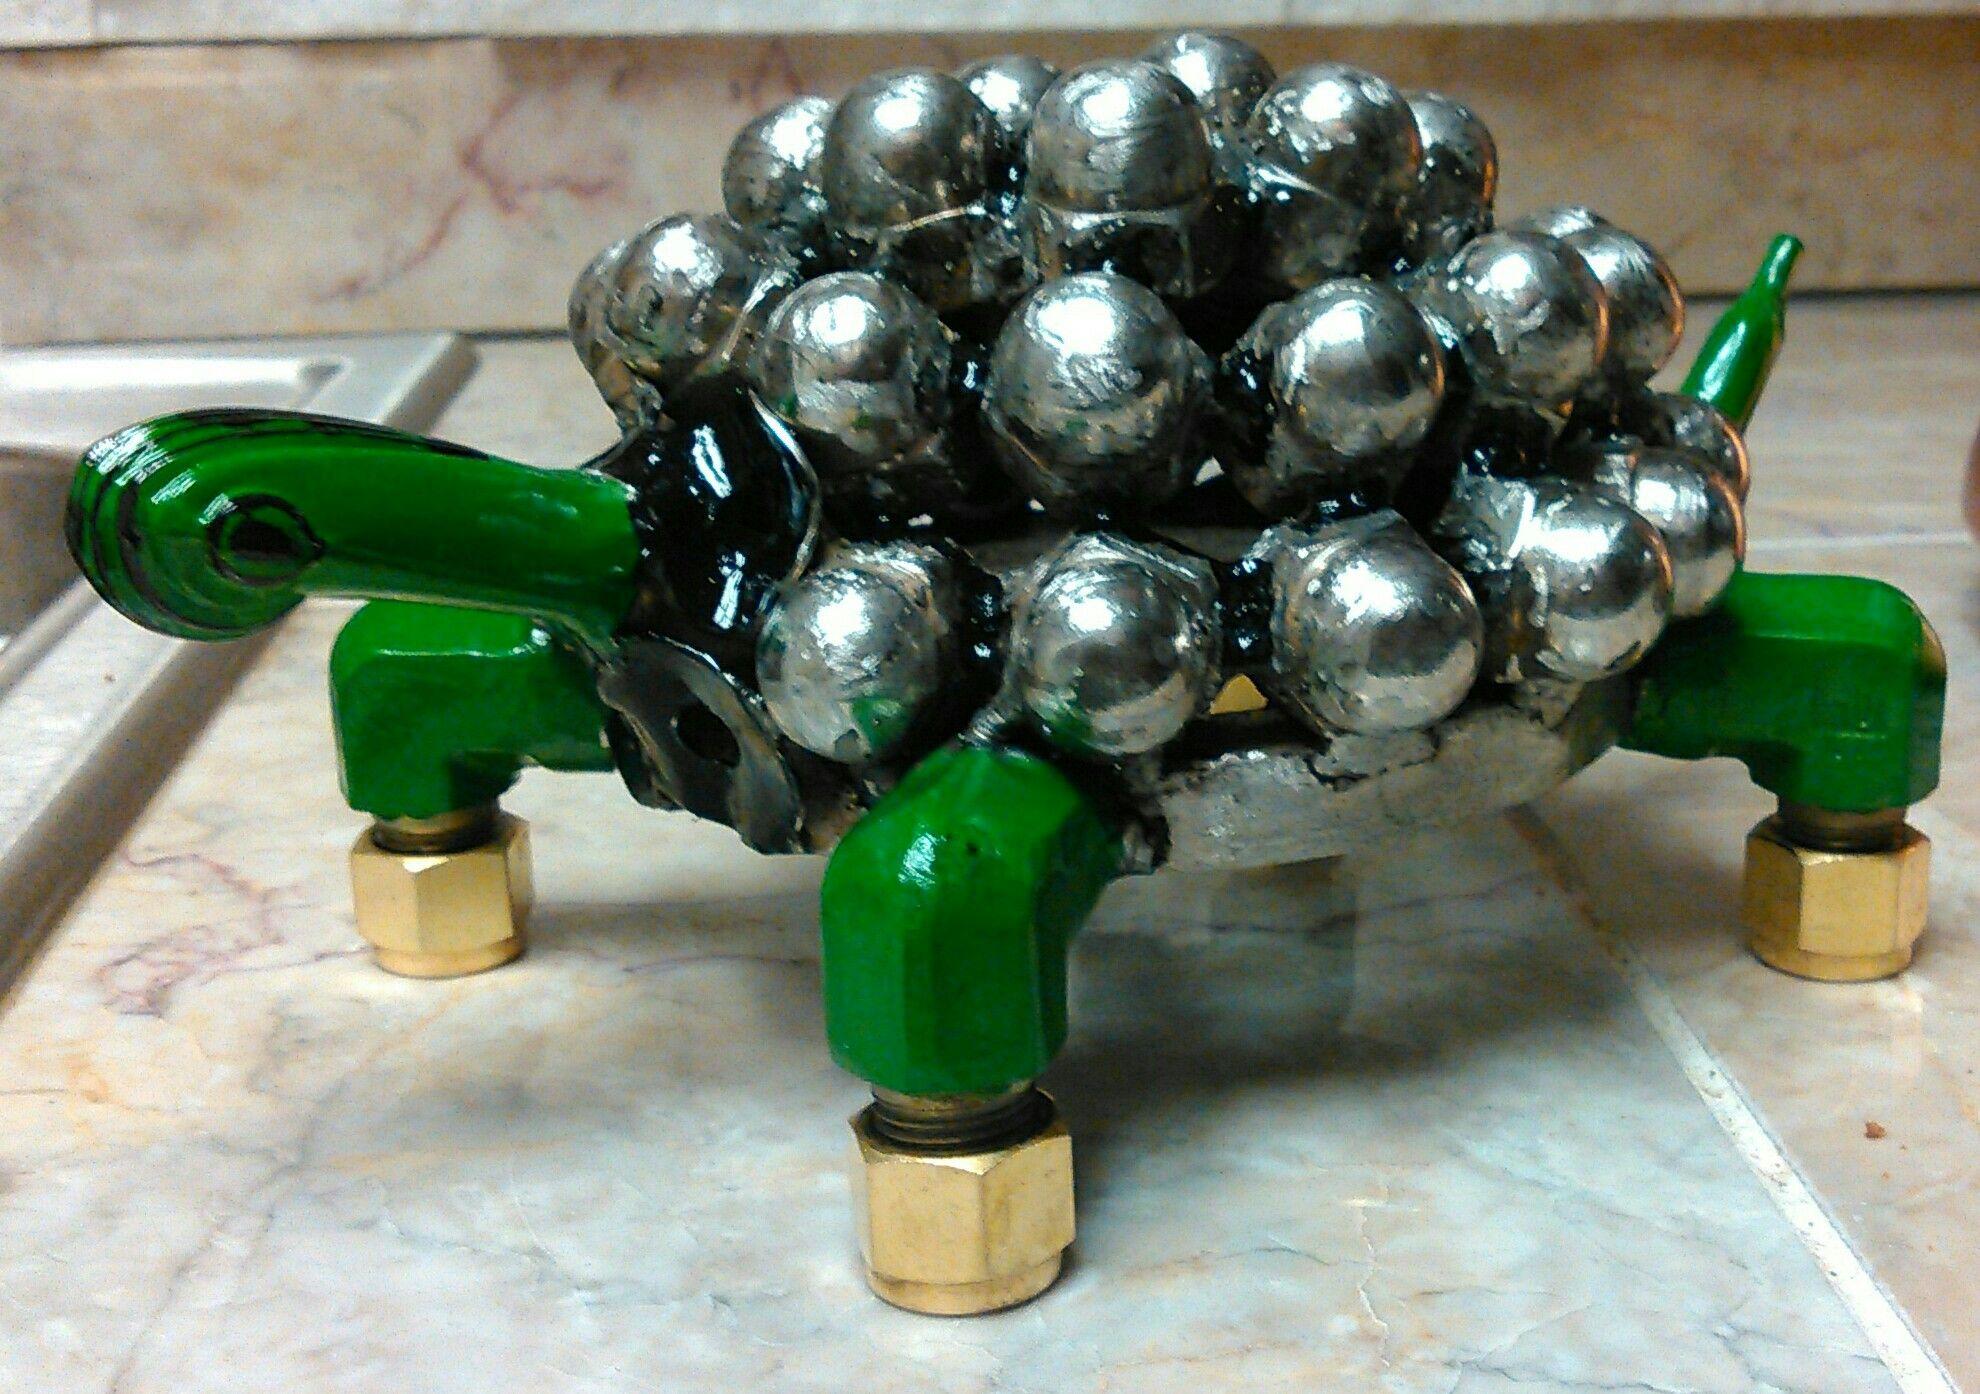 Scrap metal turtle art sculpture Scrap metal art, Metal